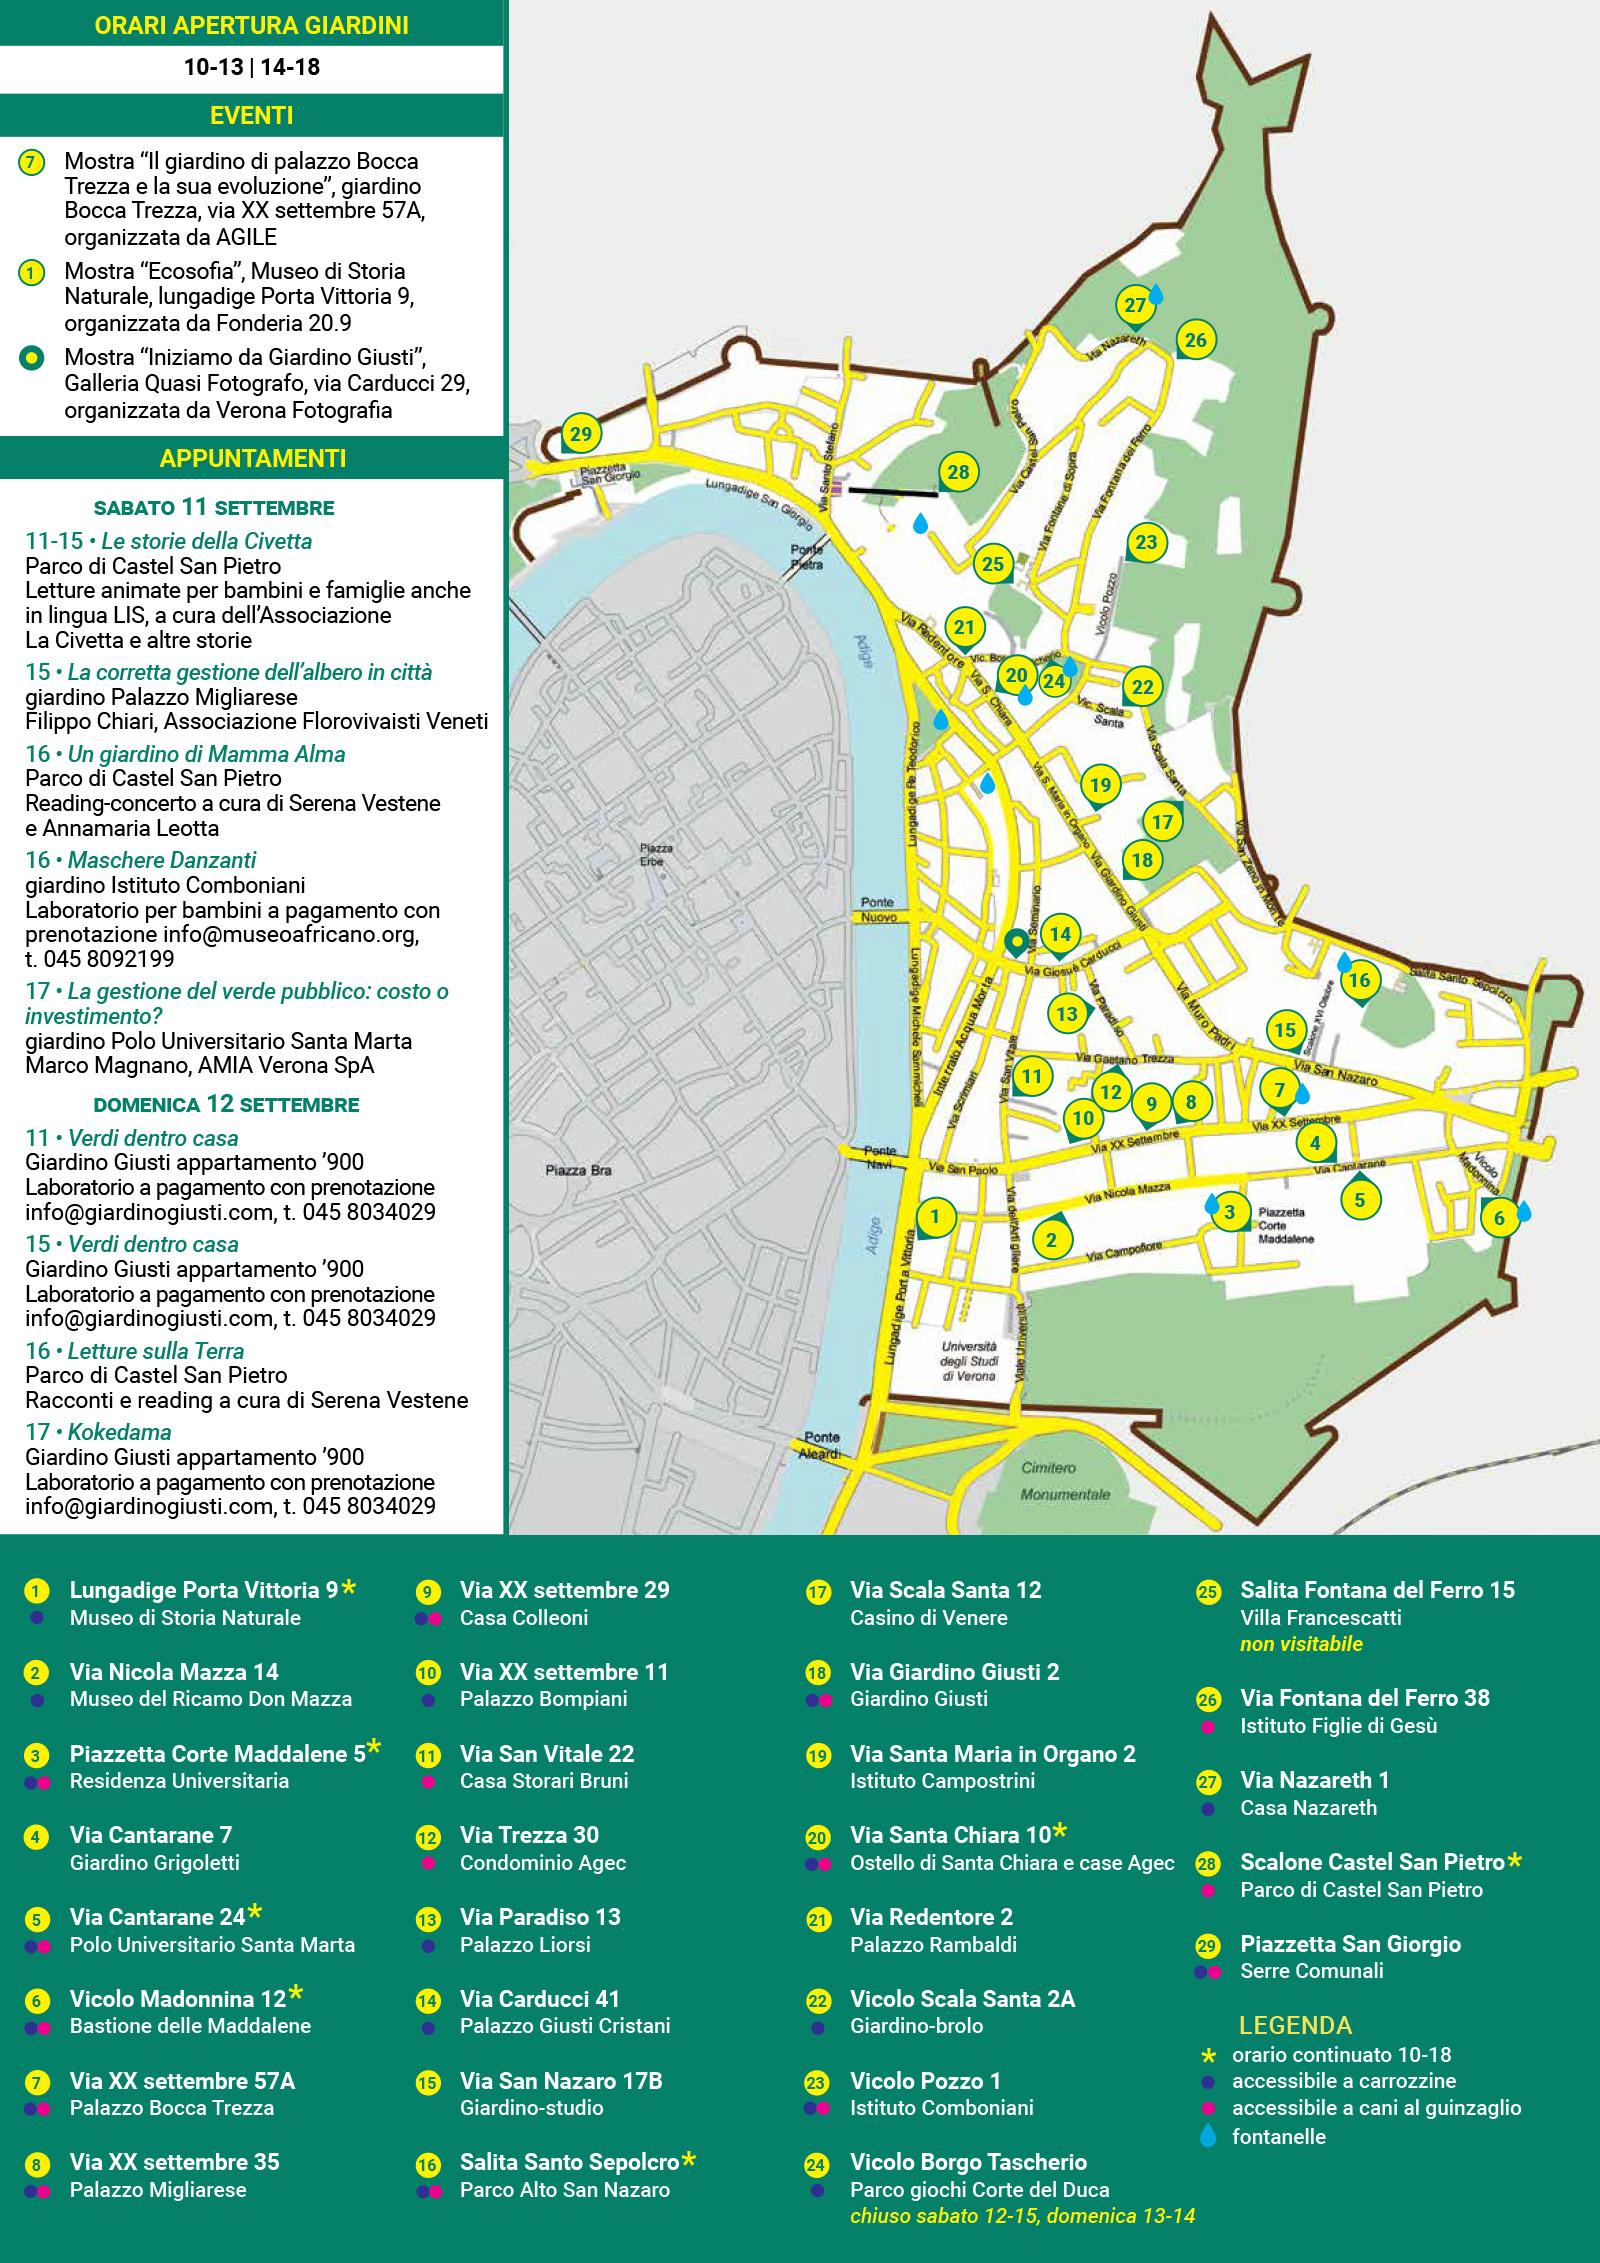 Mappa Eventi Giardini Aperti a Veronetta 2021